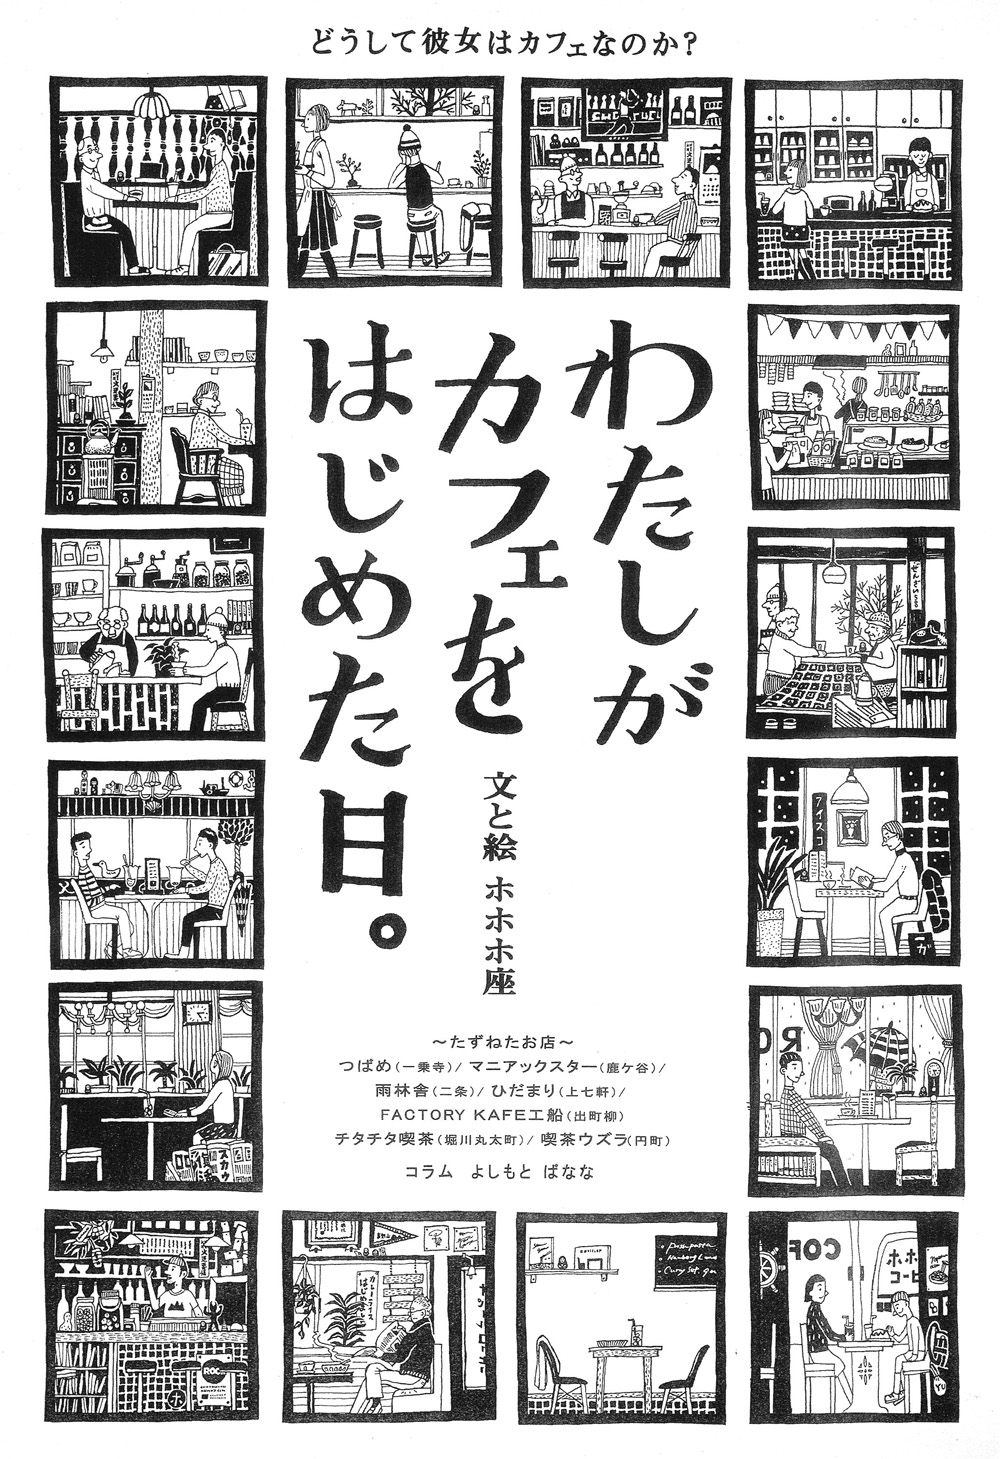 ホホホ座による編集本『わたしがカフェをはじめた日。』(現在は完売。2015年4月に小学館より全国普及版が発売予定)